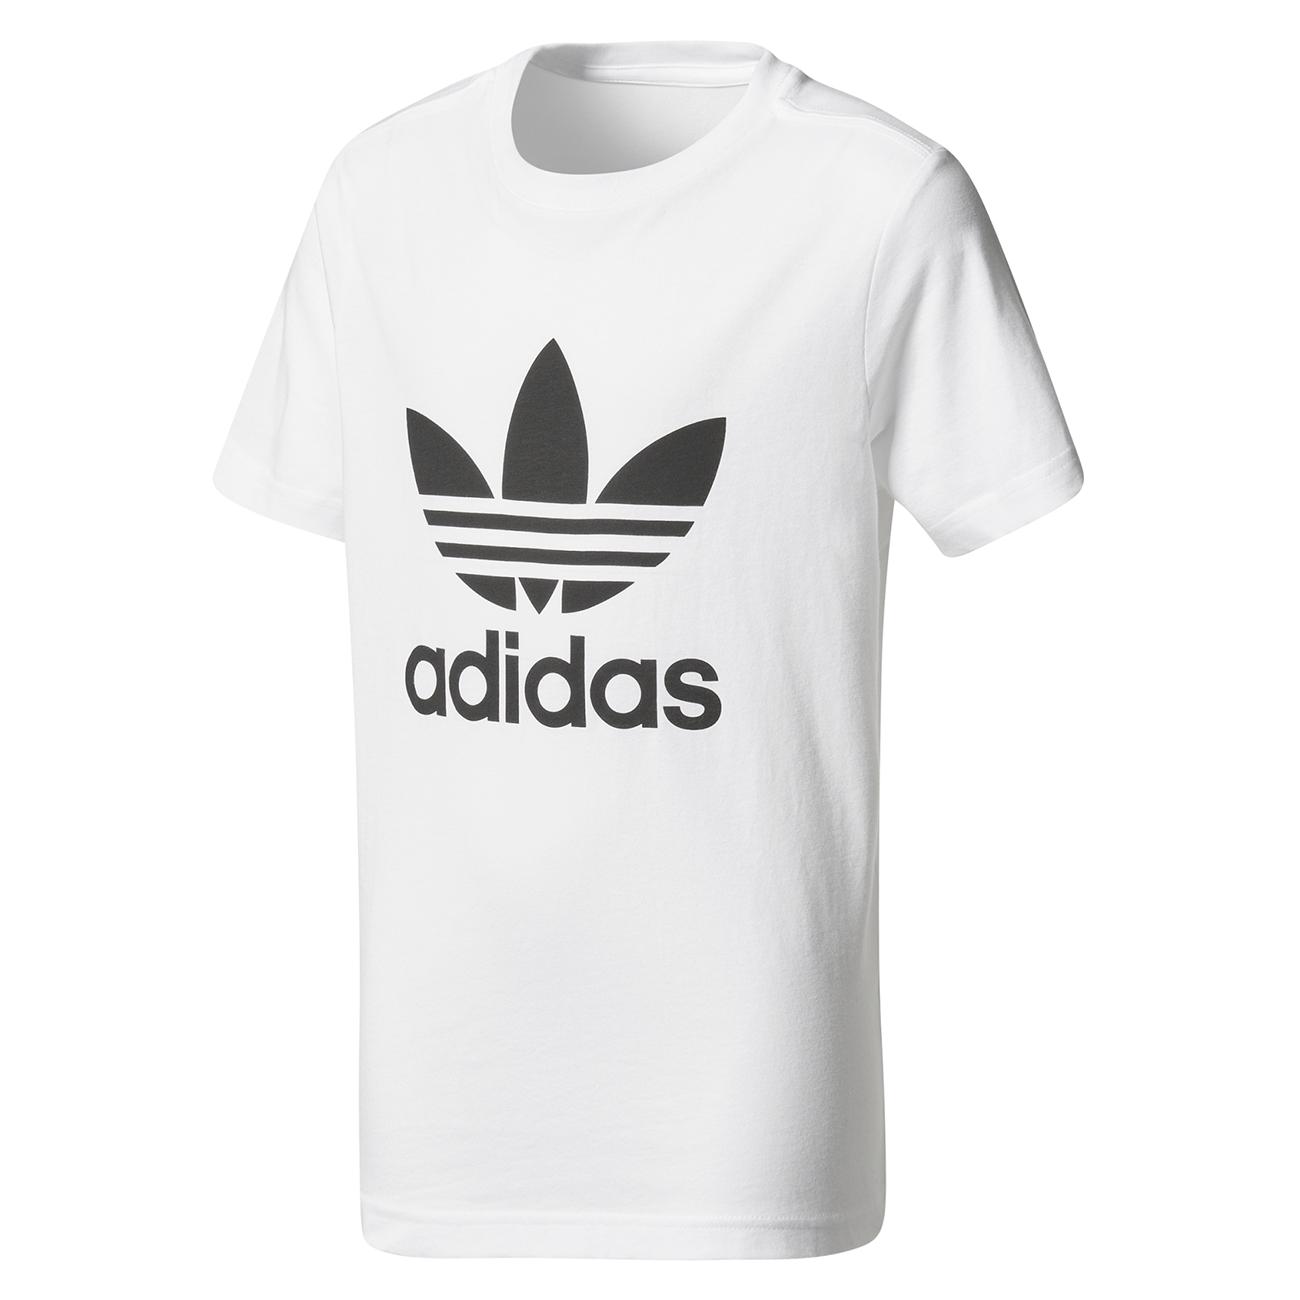 3595752623 adidas Tee White/Black